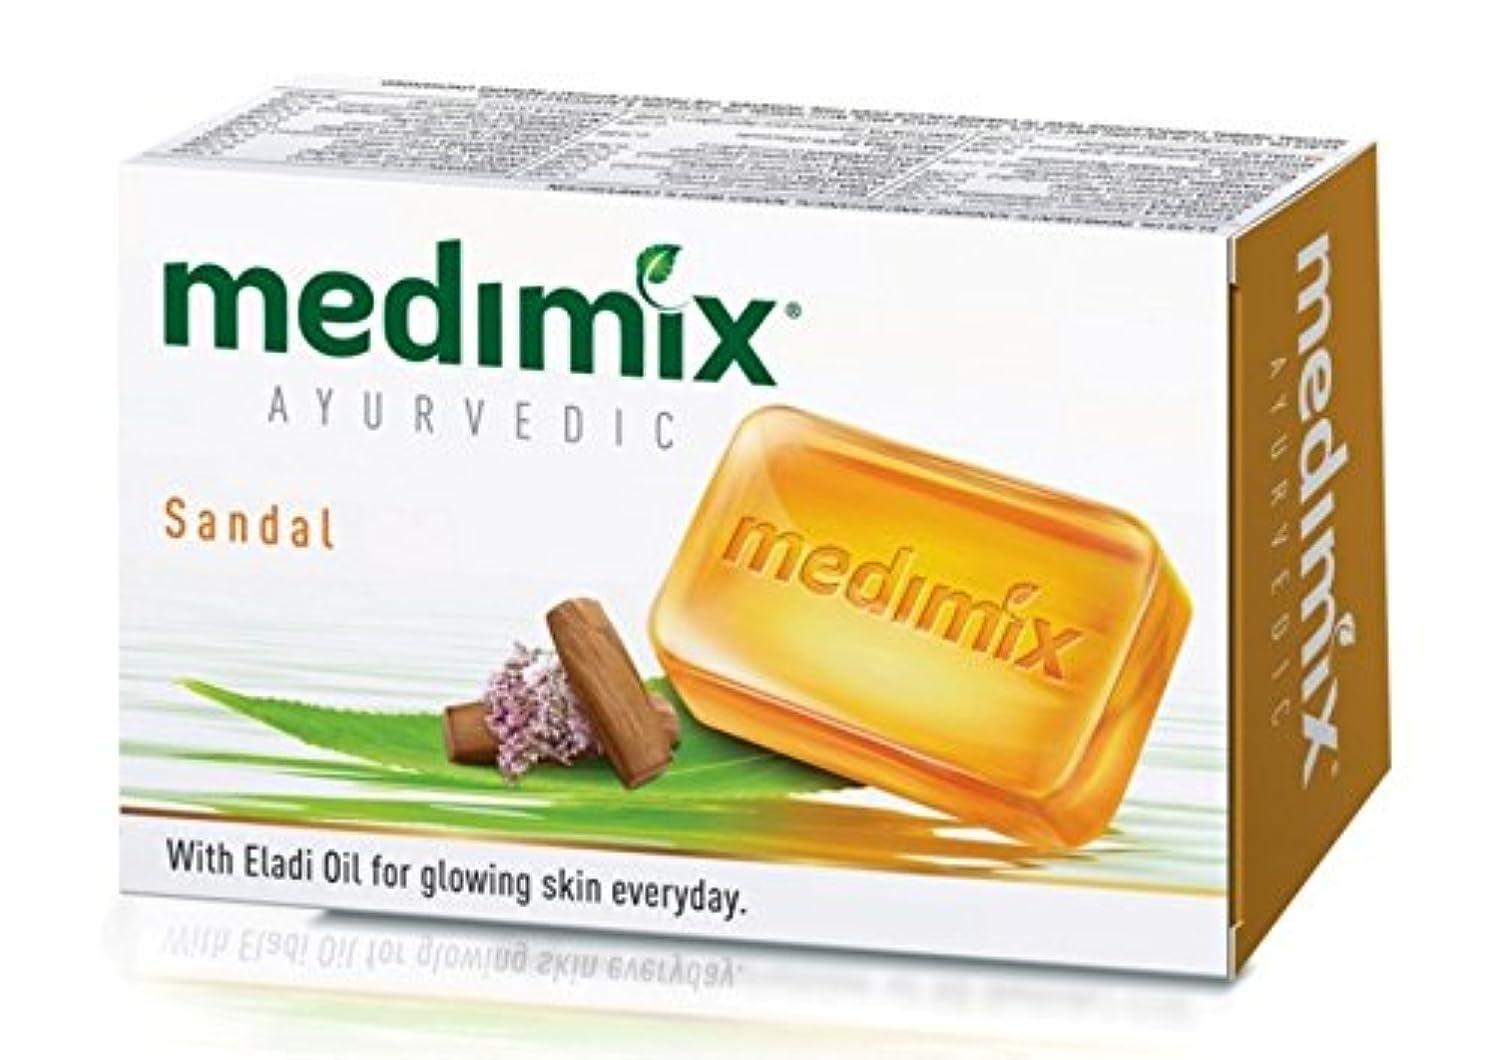 まだら振動するサスティーン【medimix国内正規品】メディミックス Sandal ハーブから作られたオーガニック石鹸